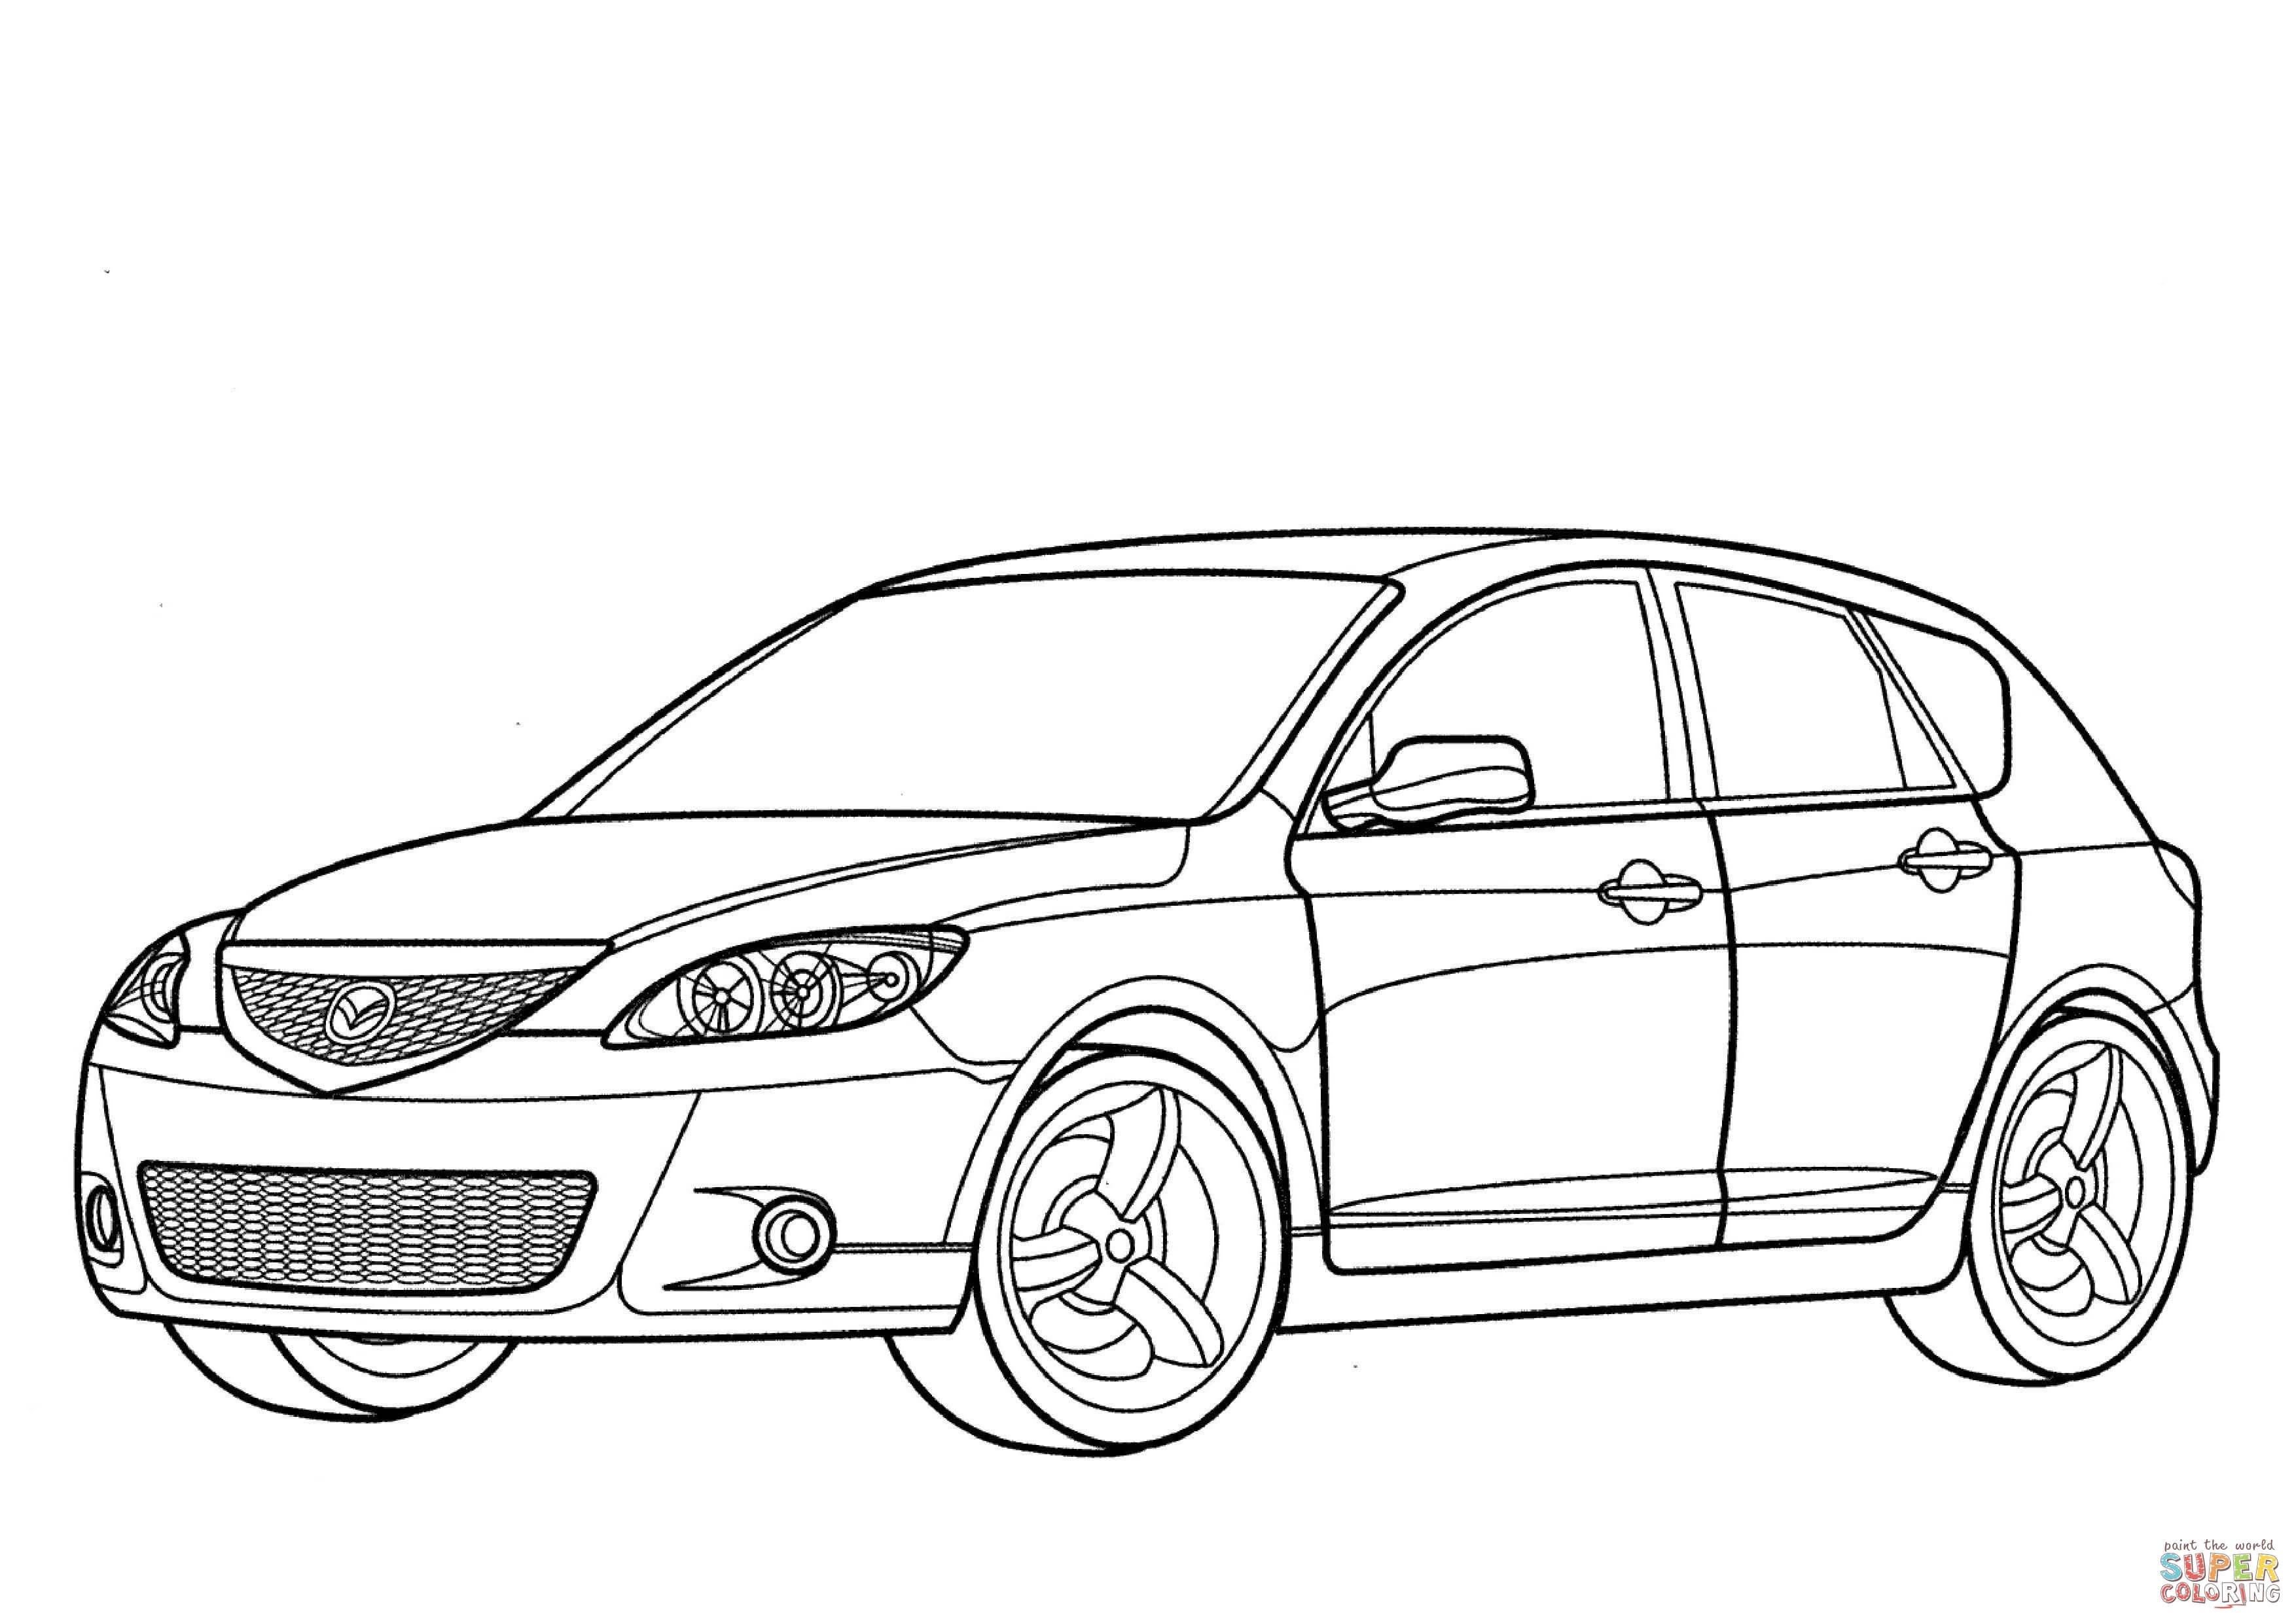 Mazda 3 Hatchback Coloring Page